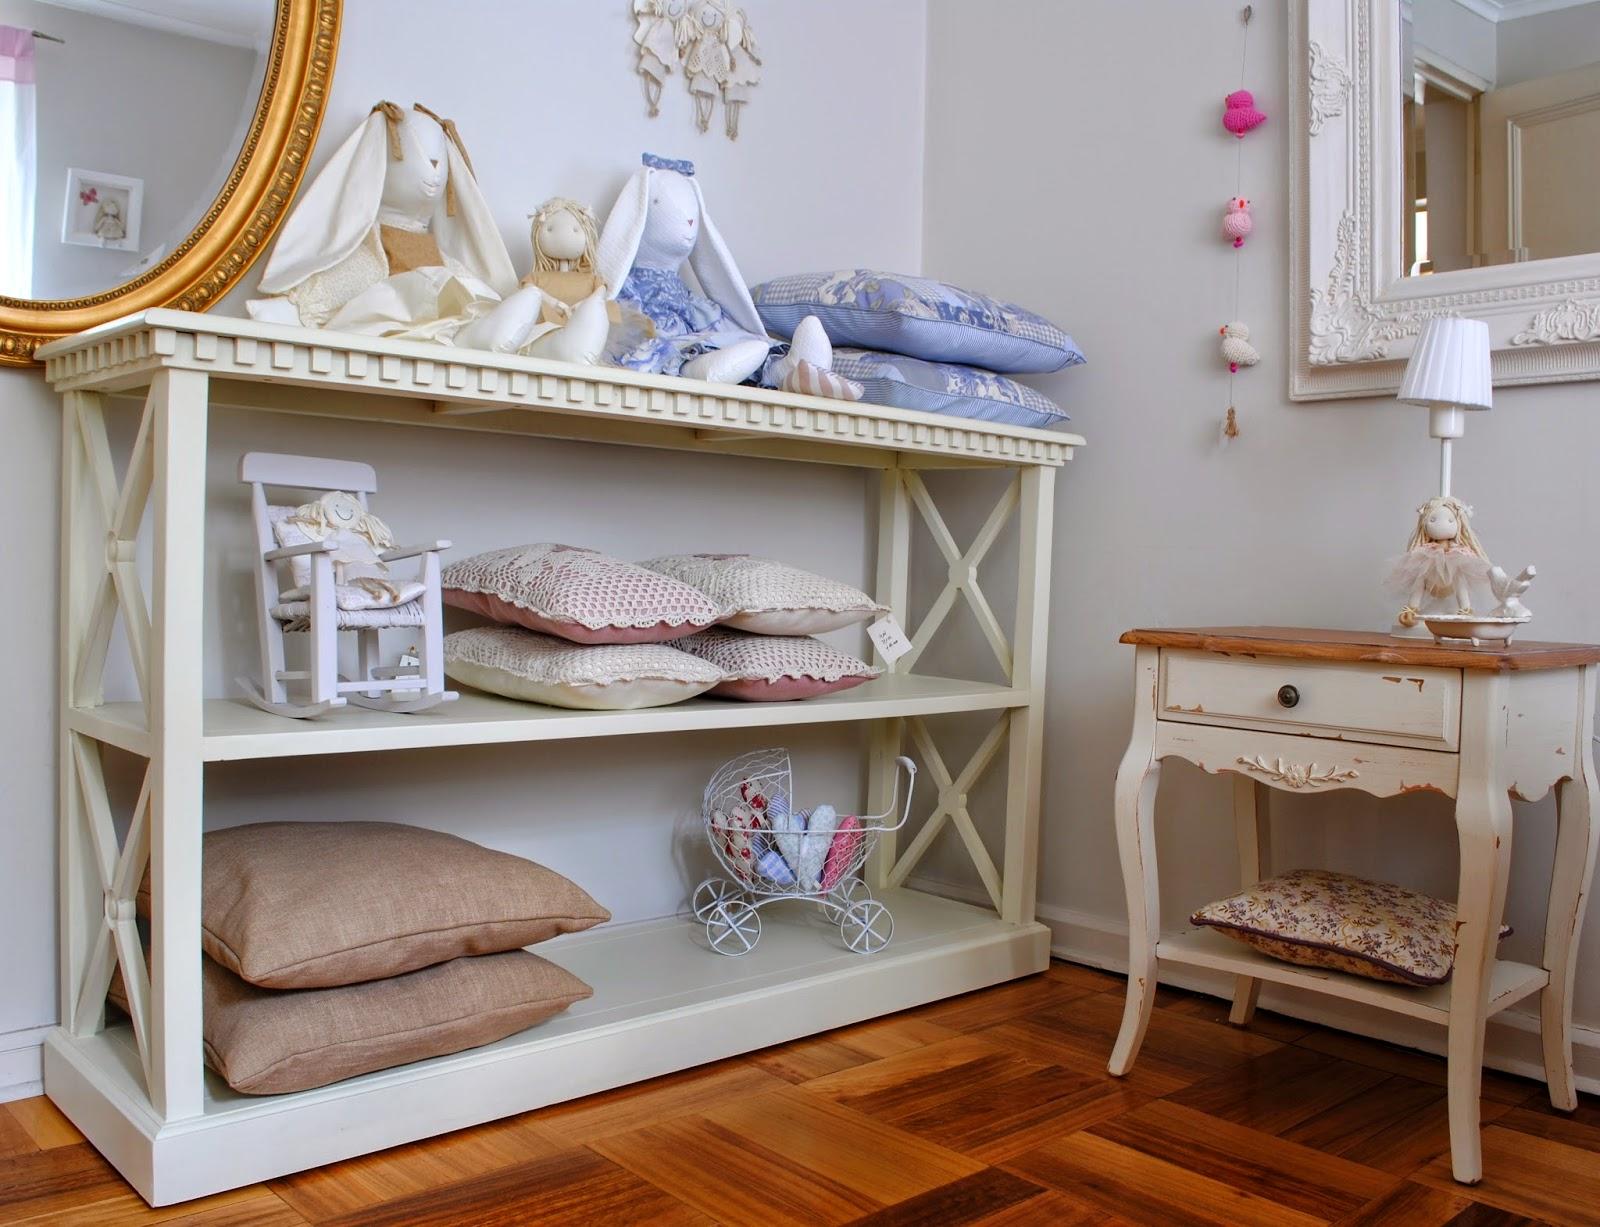 Paz montealegre decoraci n muebles normando y provenzal - Dormitorios reciclados ...